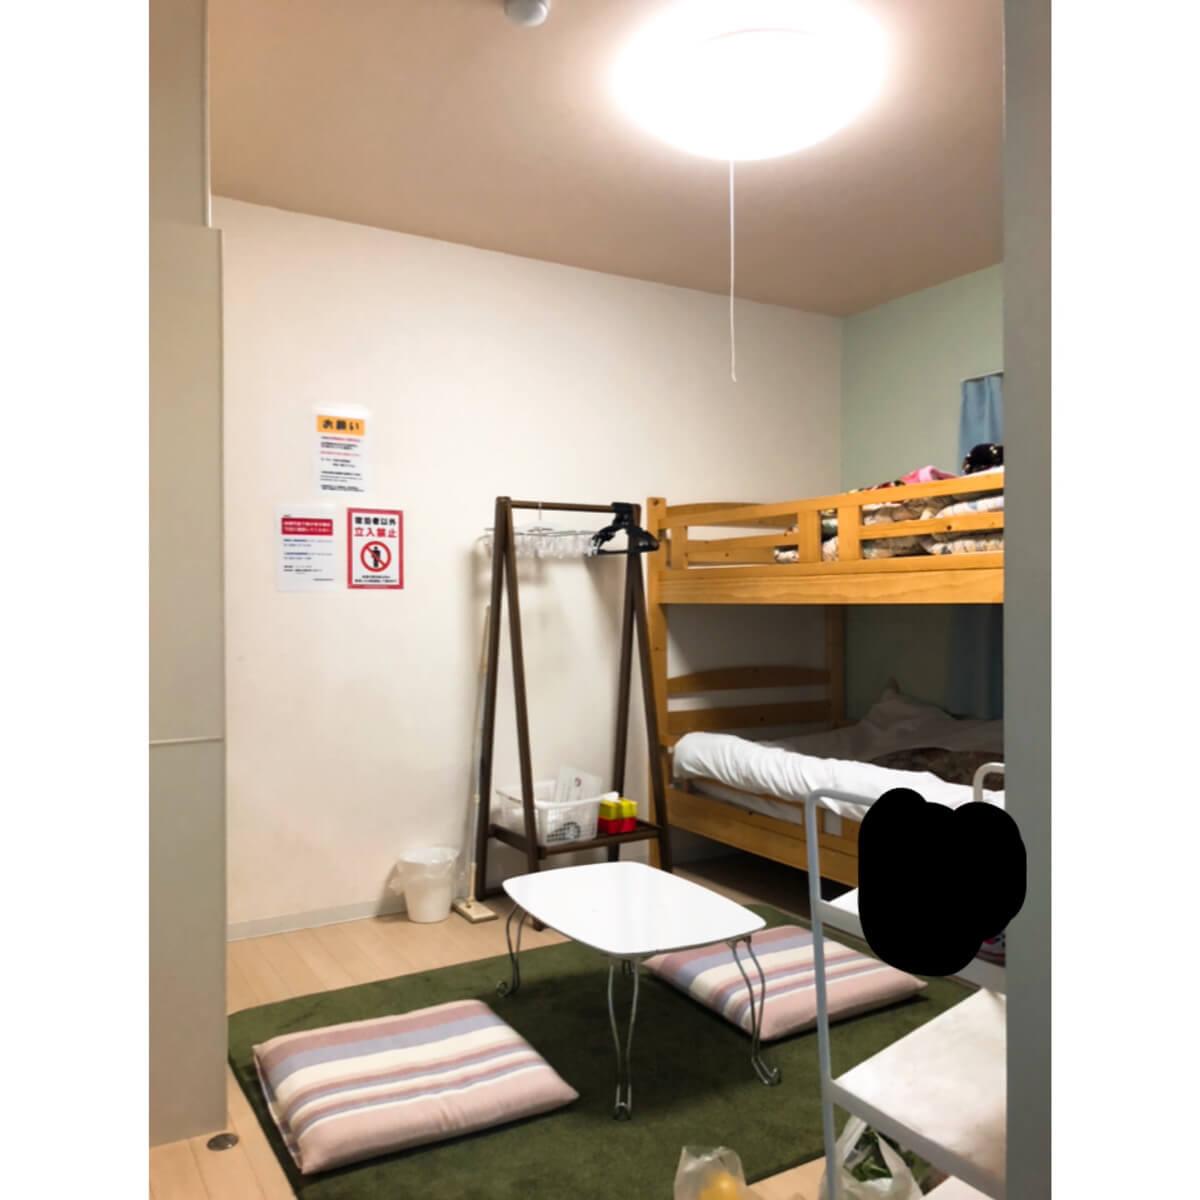 自炊プラン「トレーラー」の室内写真